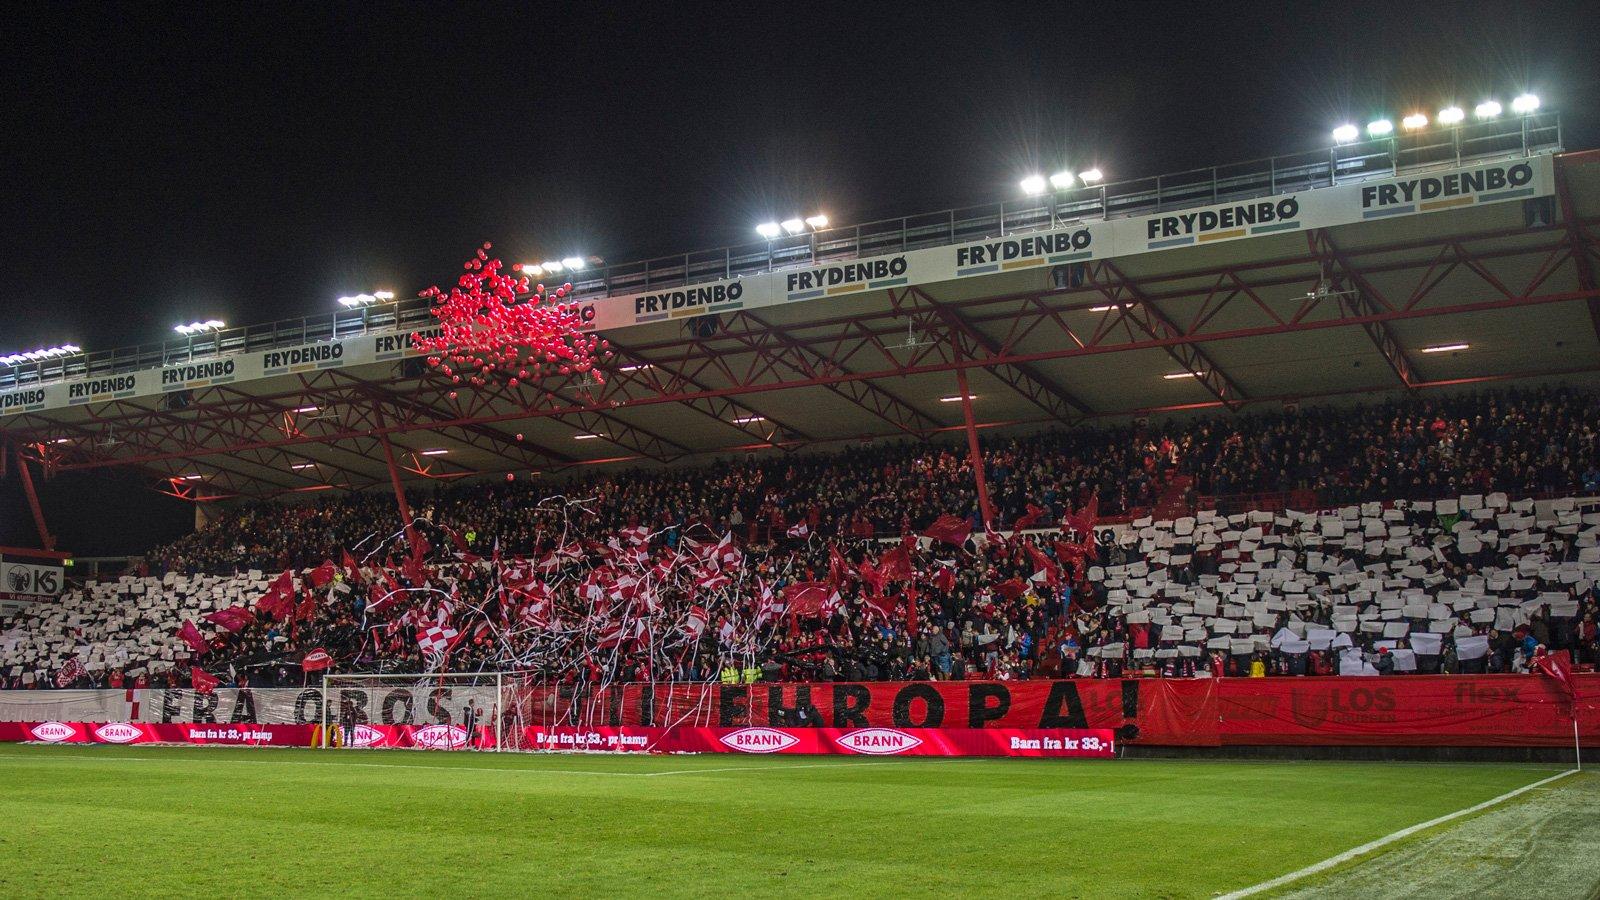 Tifo på Frydenbø-tribunen før siste seriekamp mot Sarpsborg 08 i 2016.